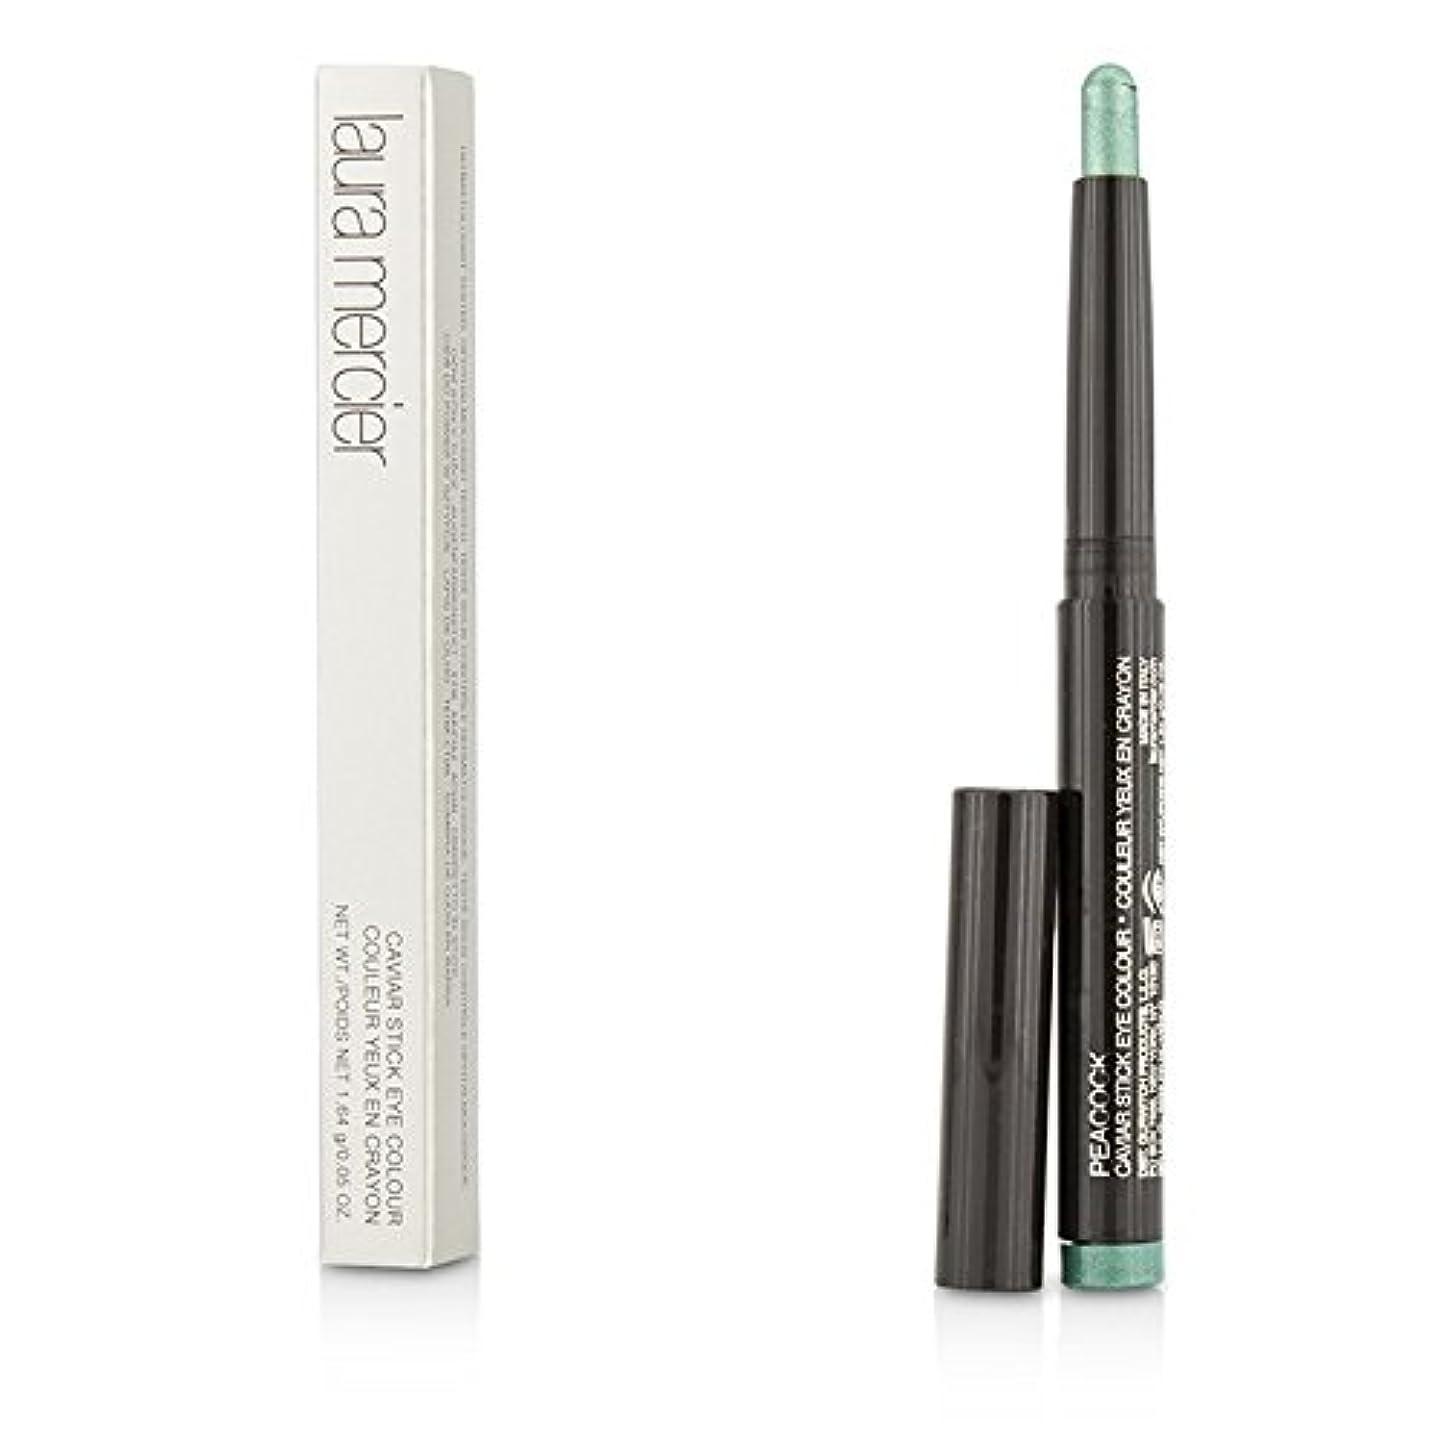 ベアリング戦士薬を飲むローラメルシエ Caviar Stick Eye Color - # Peacock 1.64g/0.05oz並行輸入品